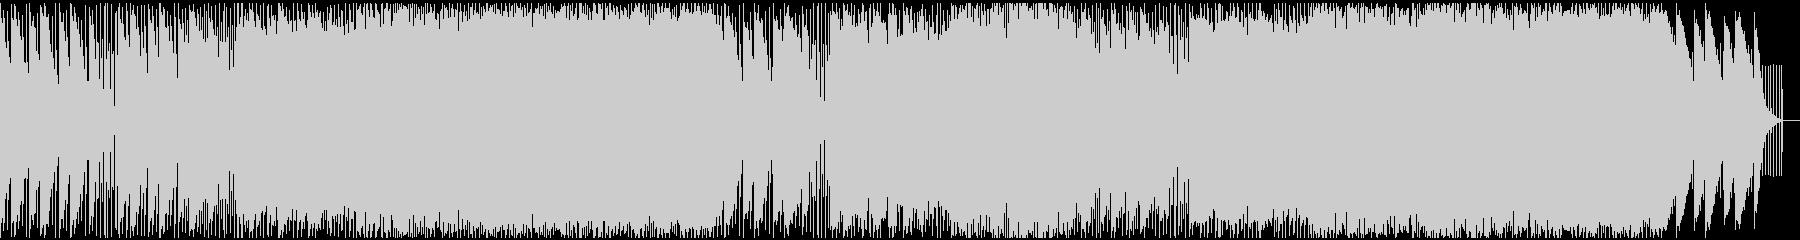 序章感のあるピアノコードが印象的なEDMの未再生の波形